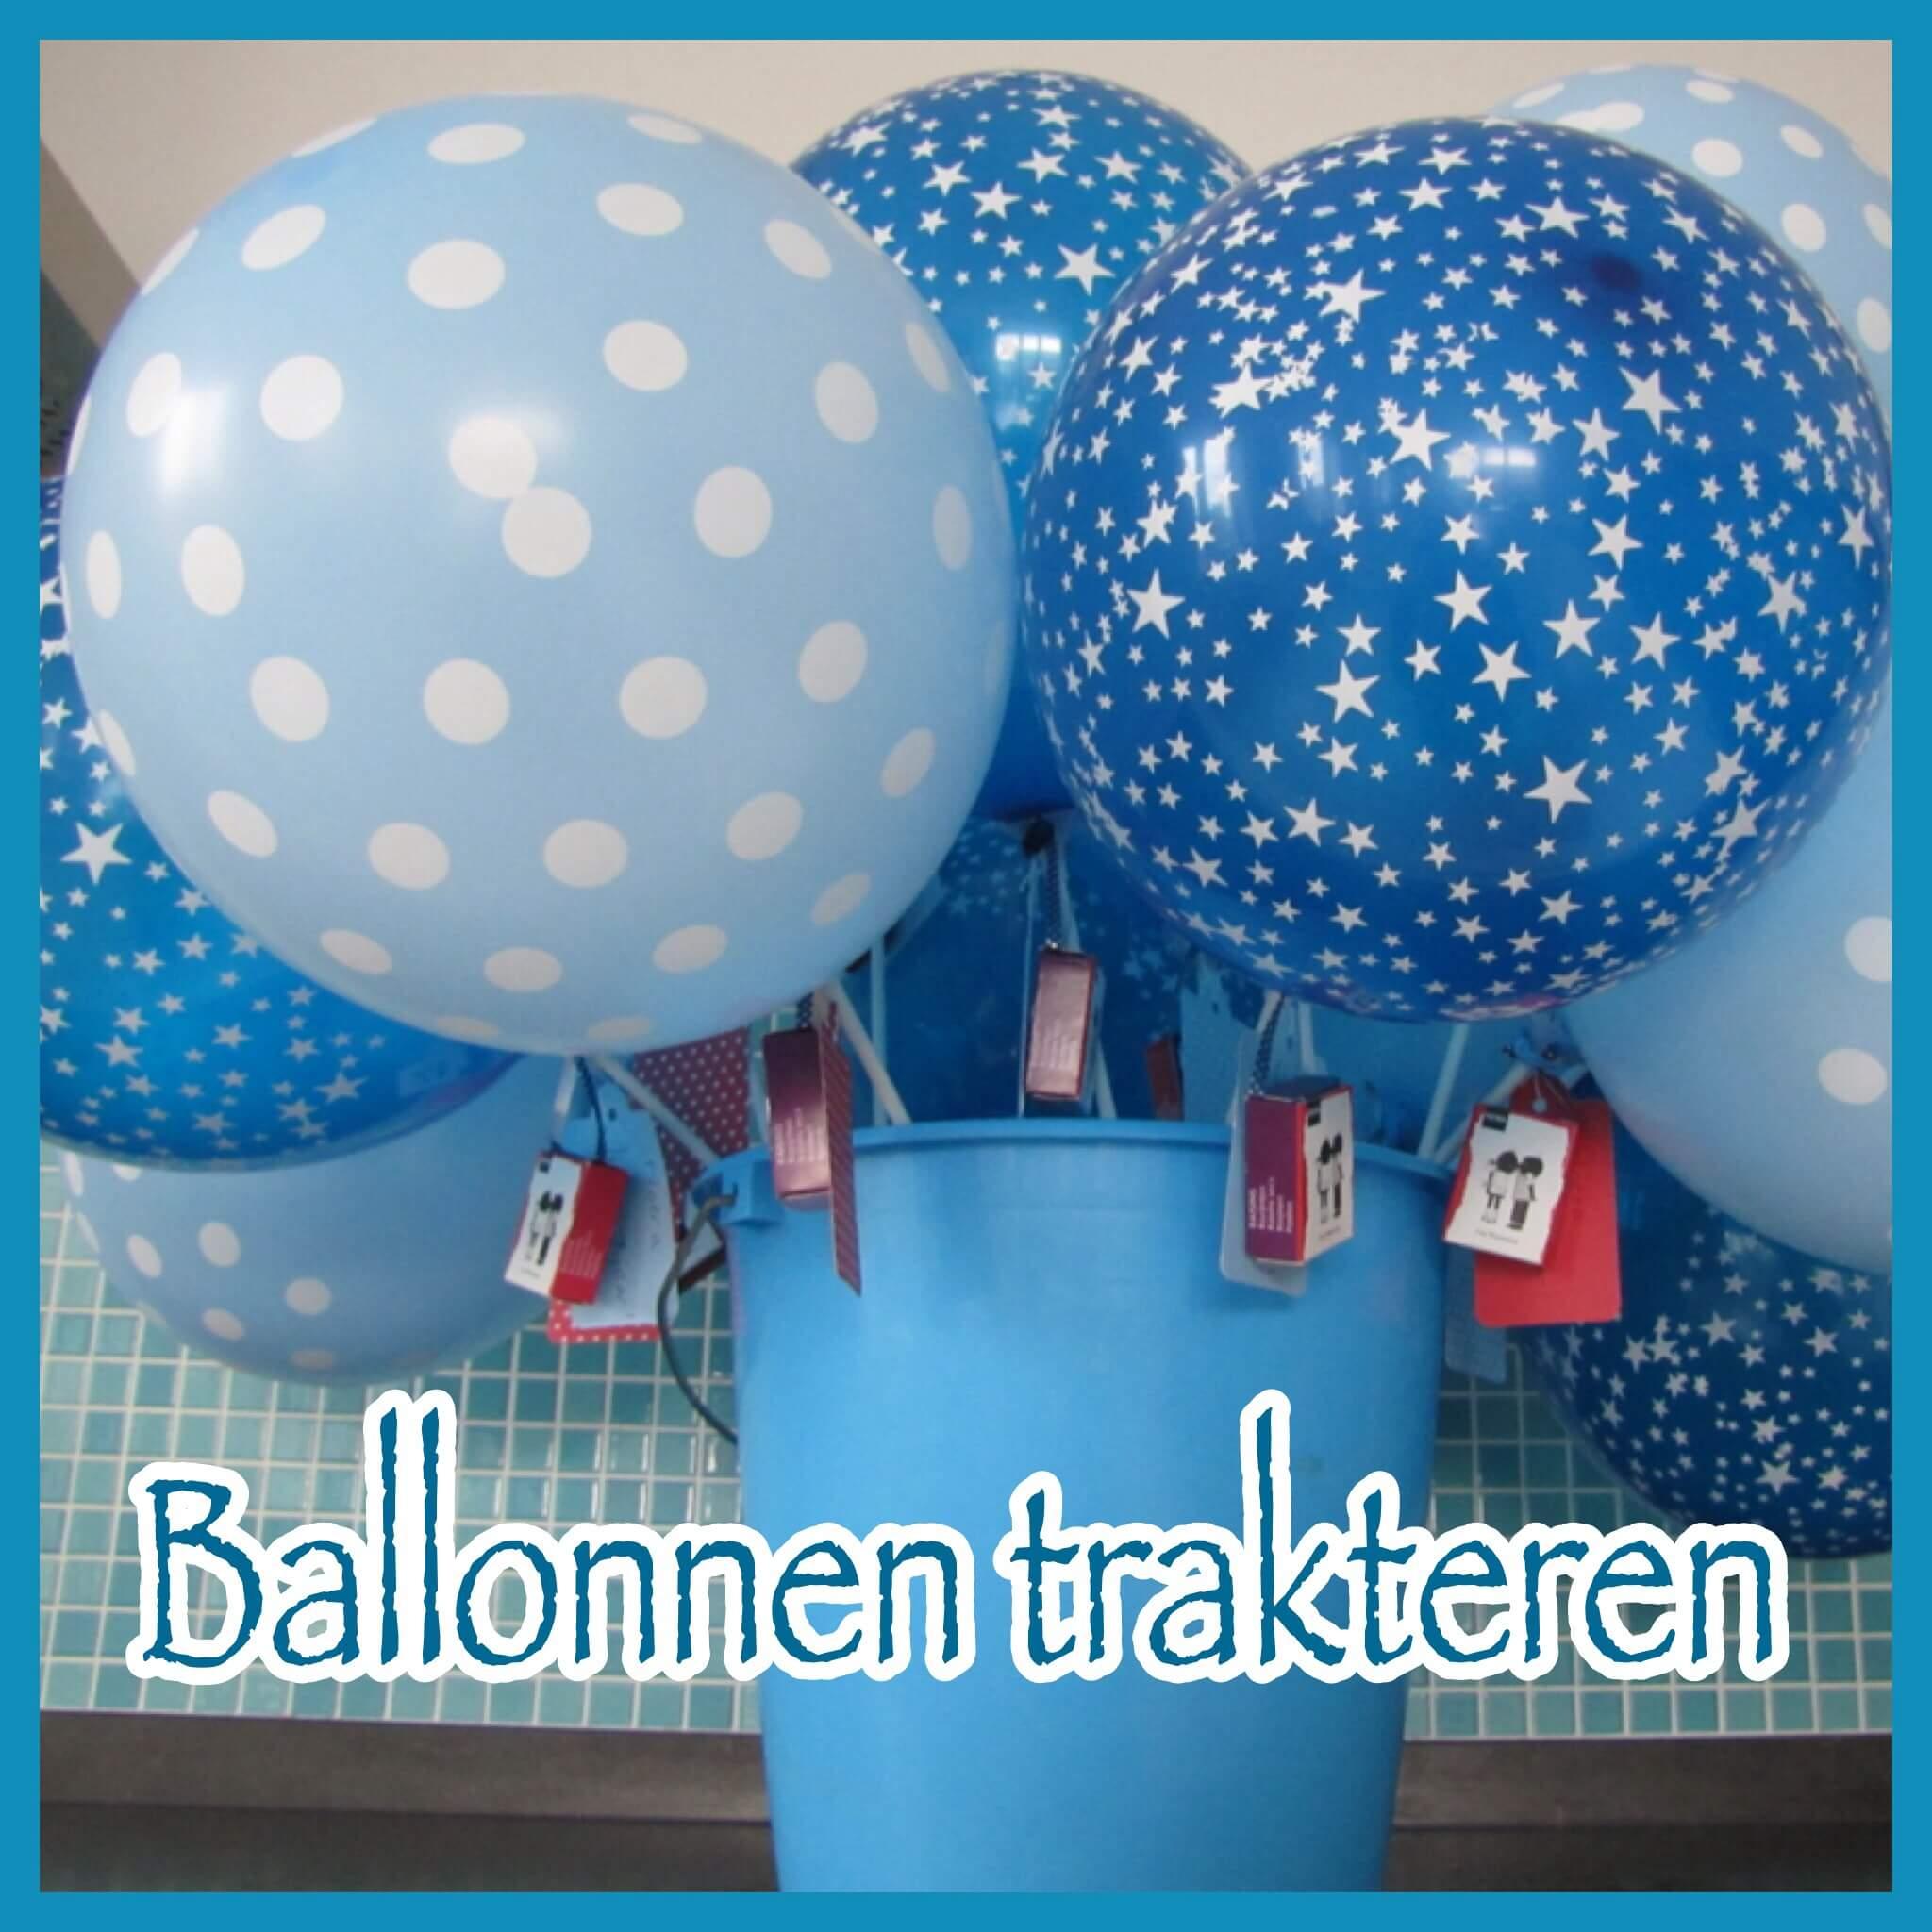 Ballonnen trakteren op de creche #leukmetkids #traktatie #verjaardag #birthday #balloon